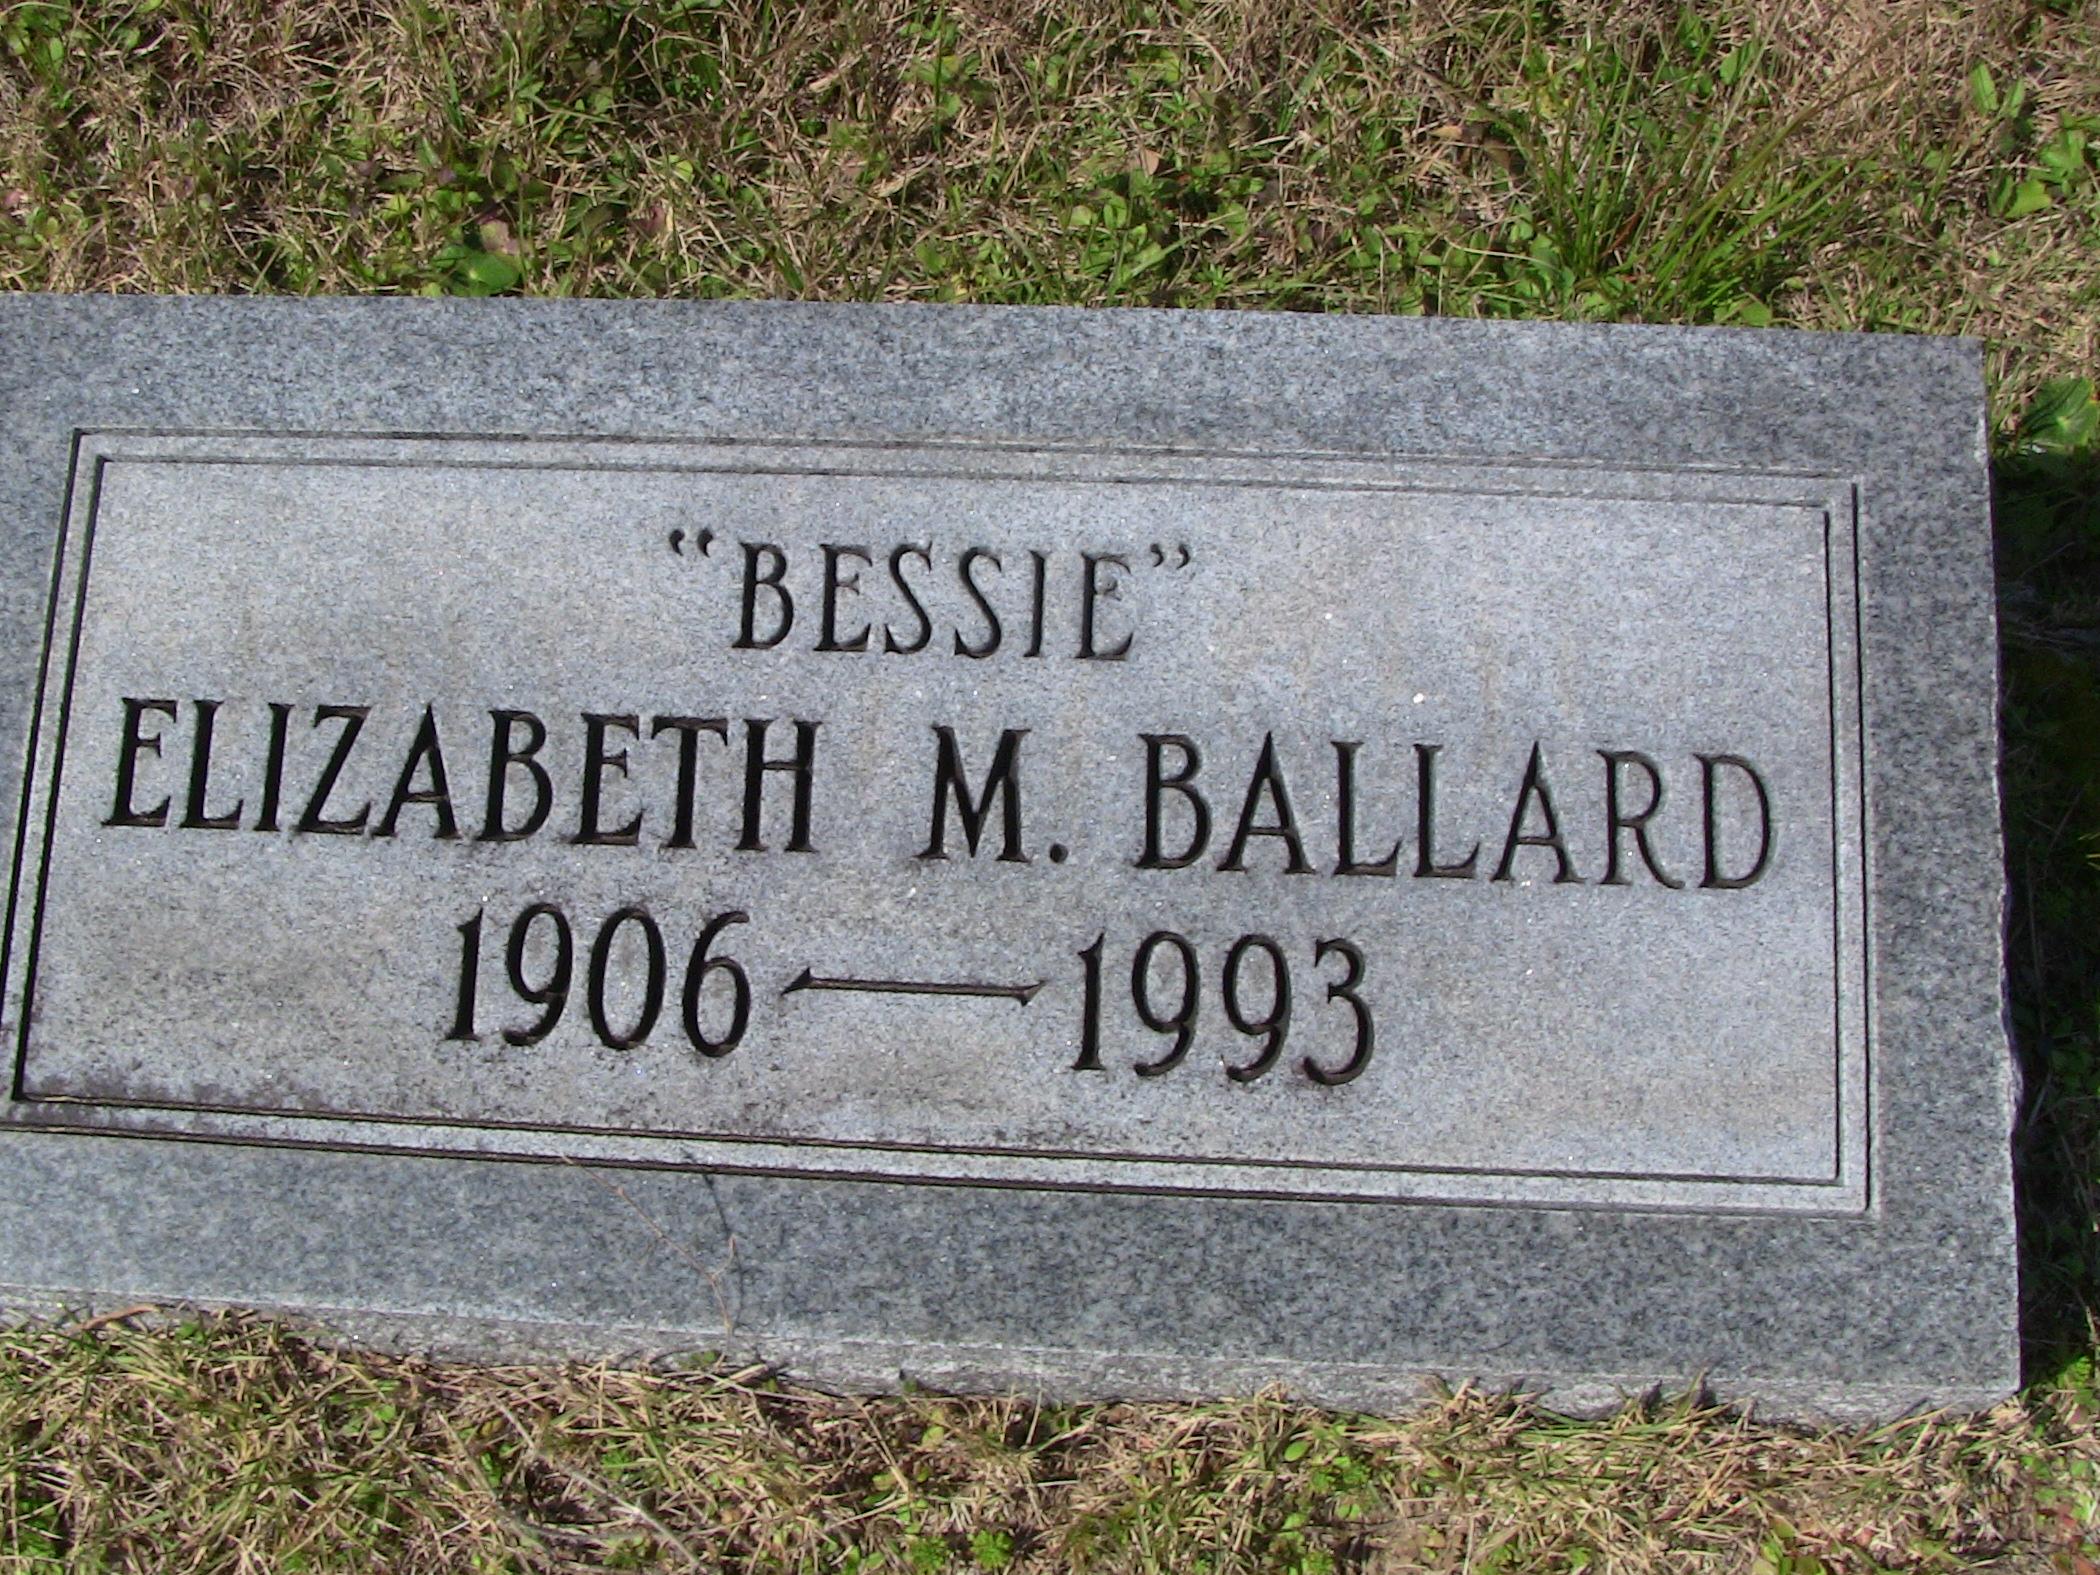 Bessie Elizabeth M. Ballard